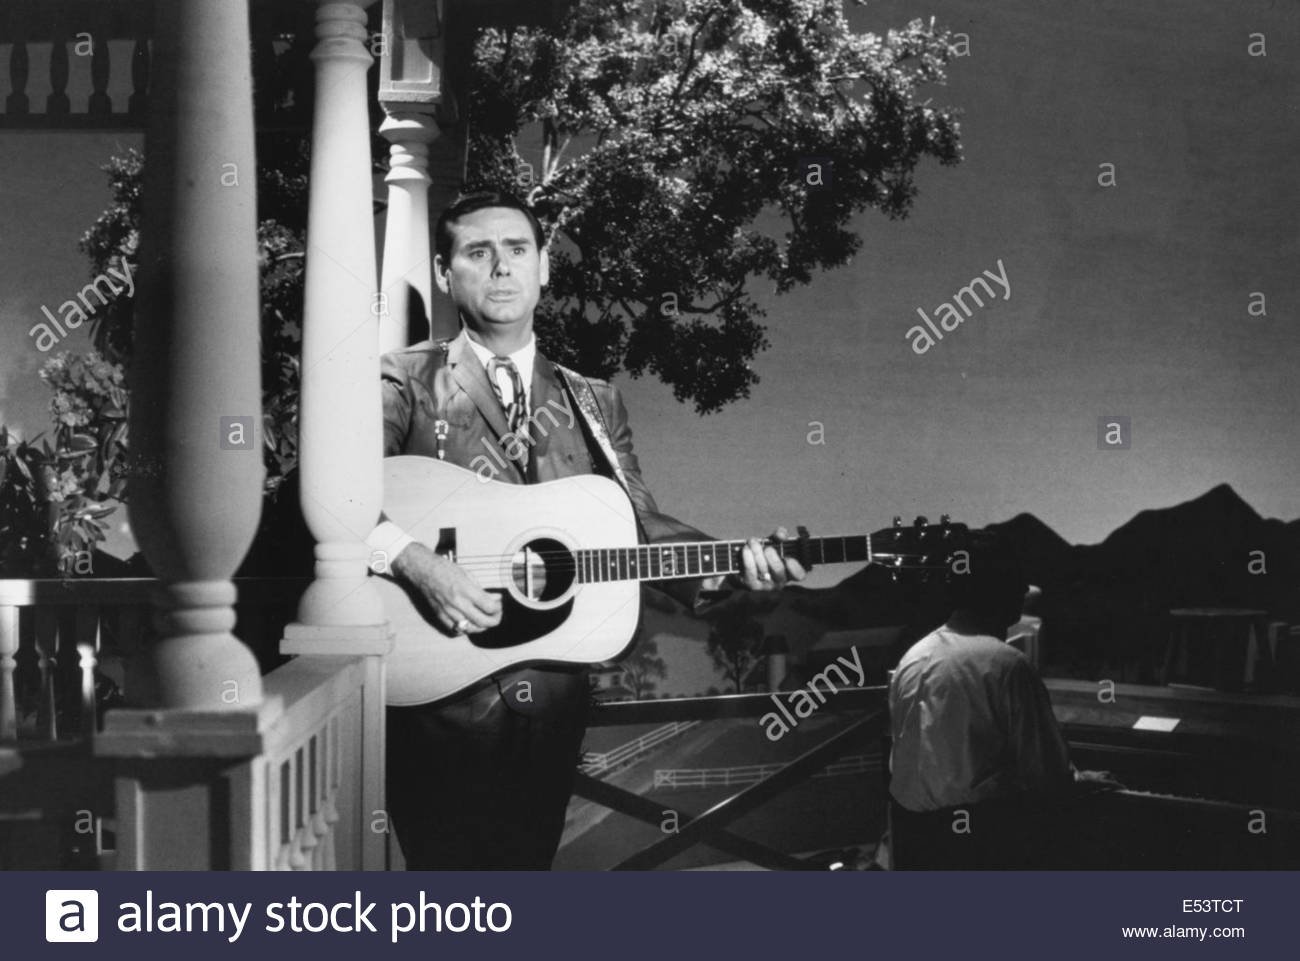 George Jones, cantante country, circa sessanta. La cortesia Granamour Weems collezione. Solo uso editoriale. Immagini Stock